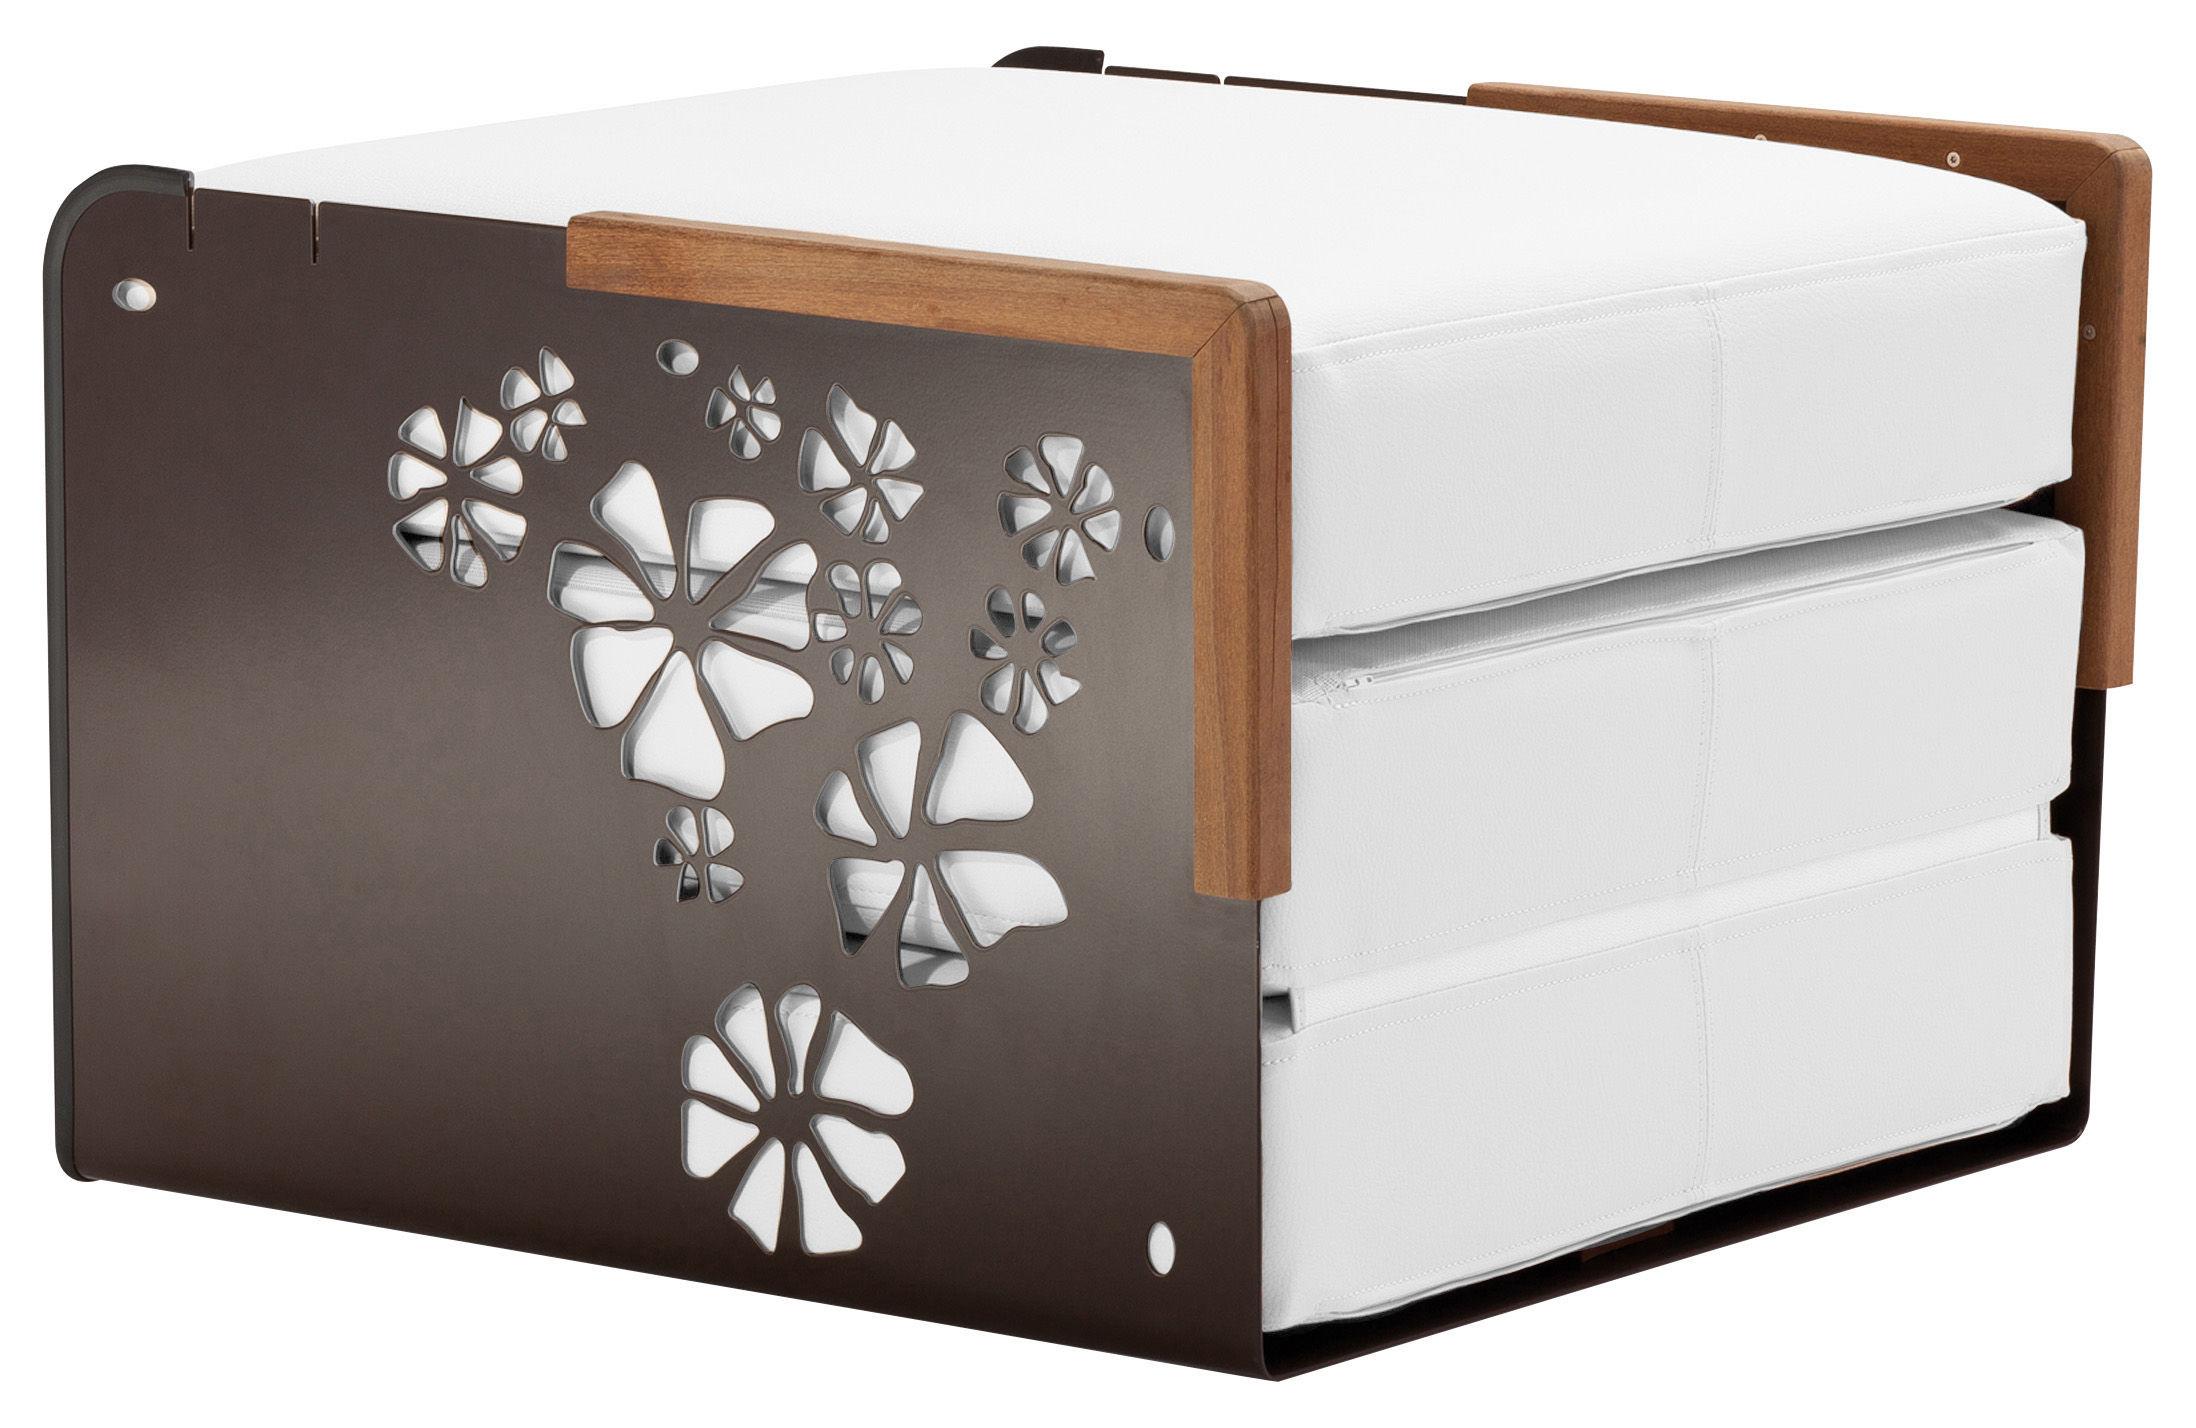 Mobilier - Compléments d'ameublement - Housse de protection pour Kube - EGO Paris - Housse de protection pour Kube - Tissu